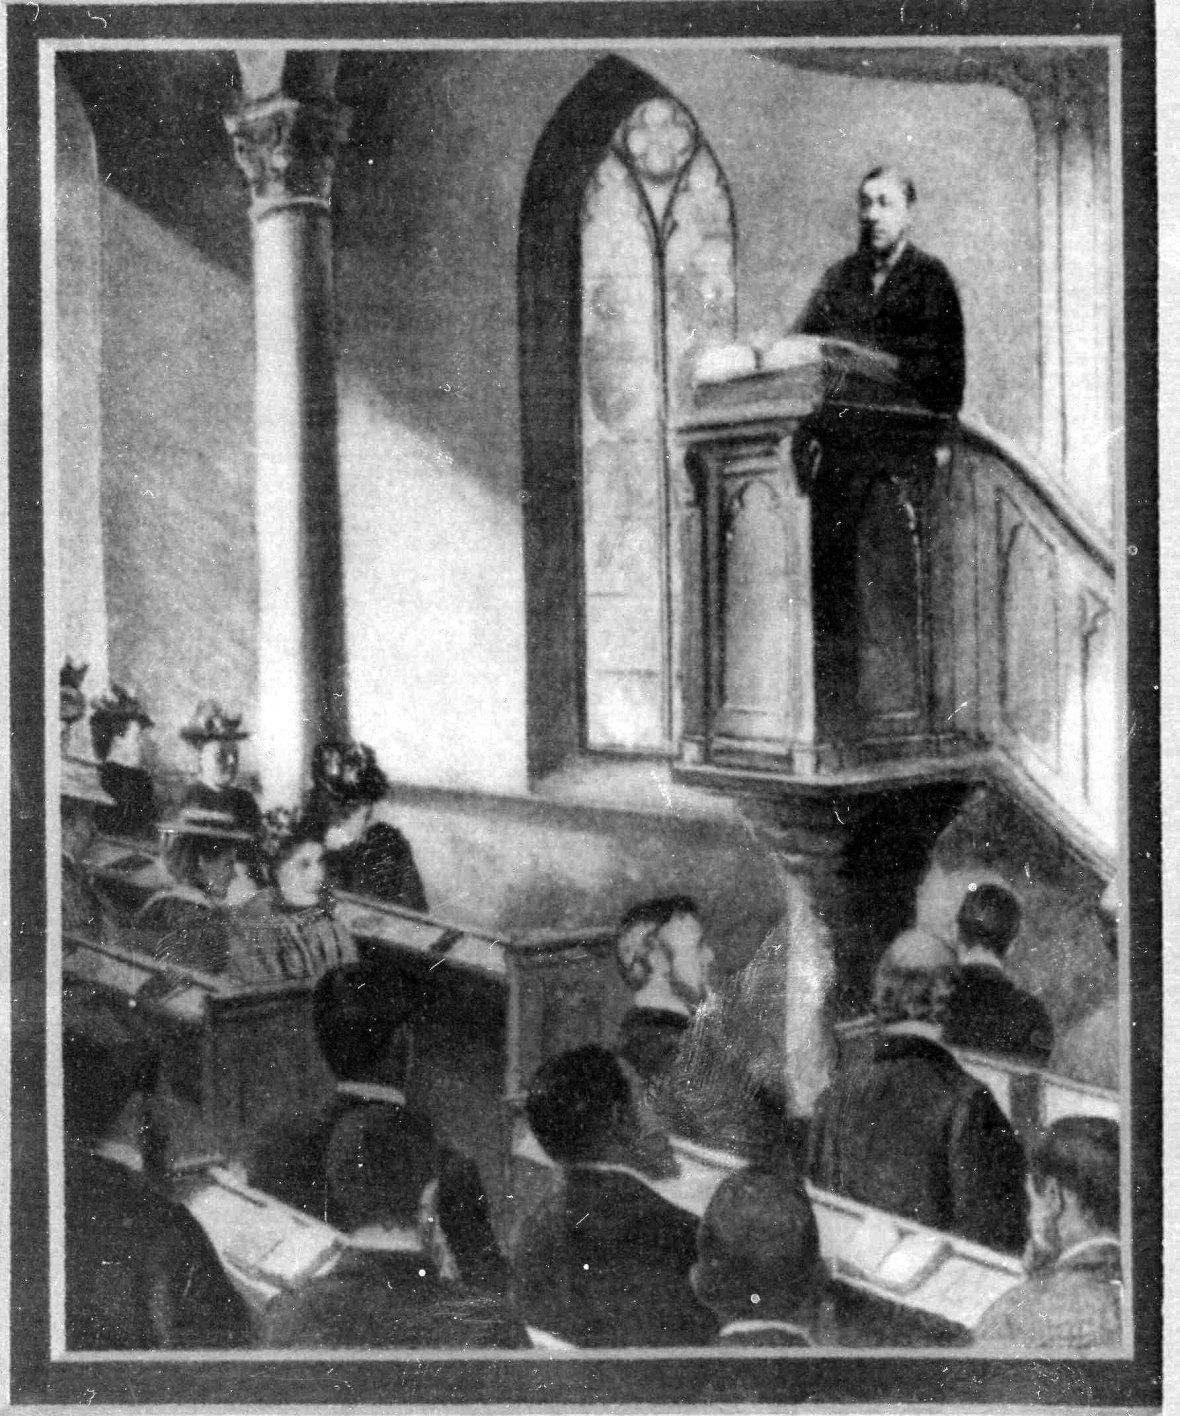 Kruger Paul preek in die Waenhuiskerk